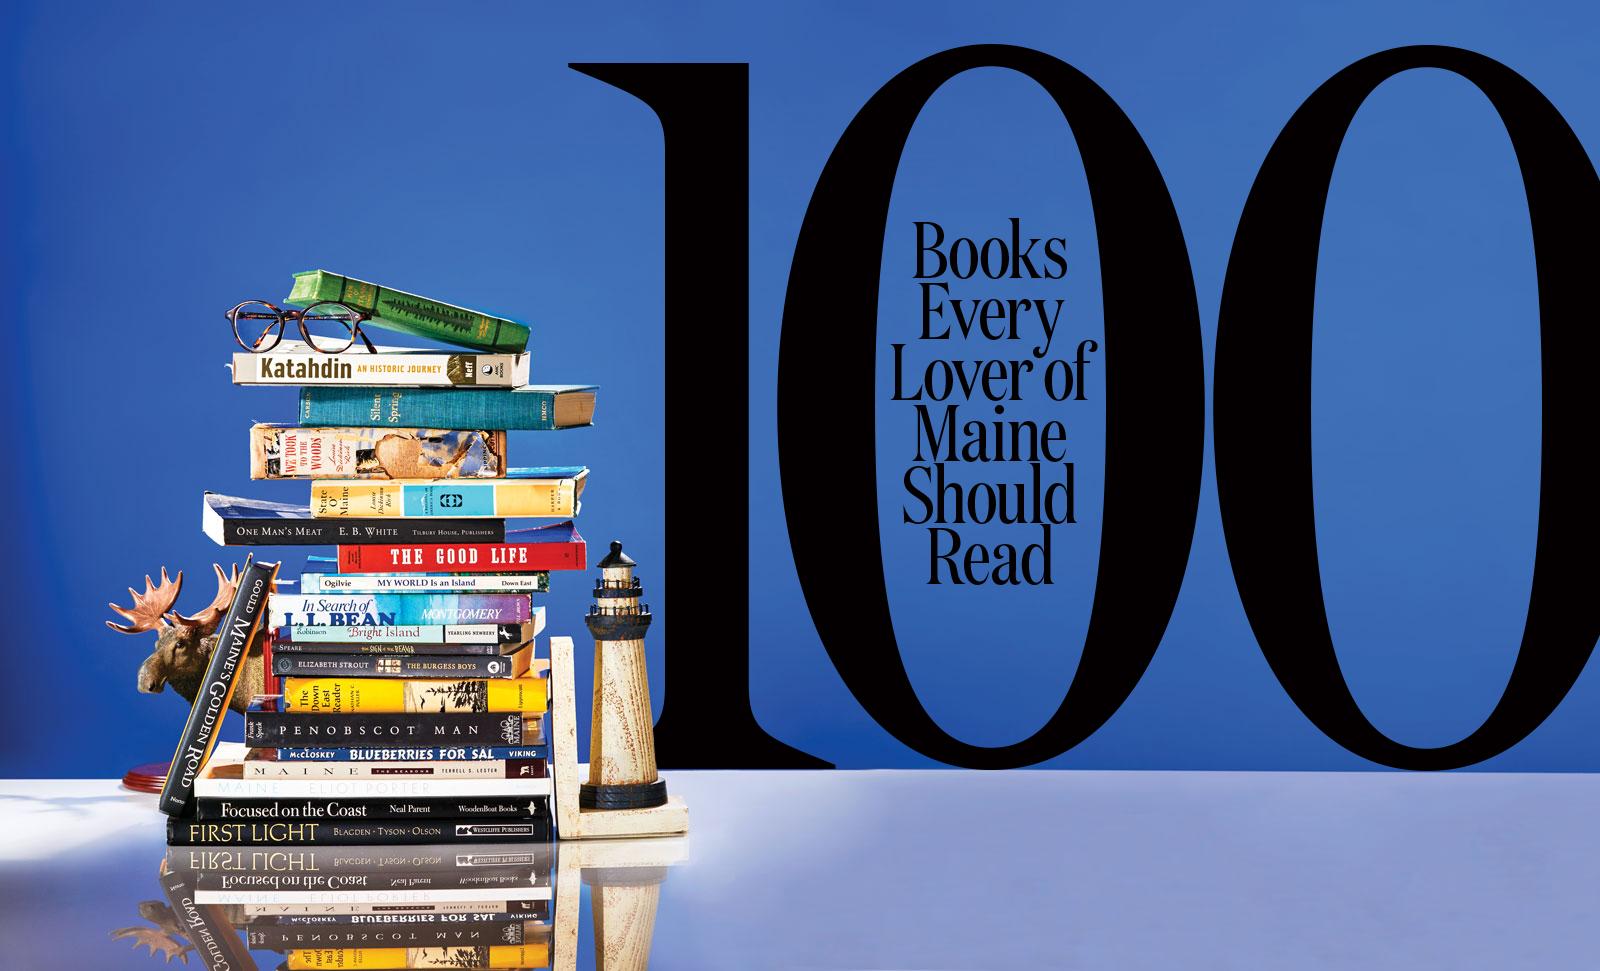 100 Maine books